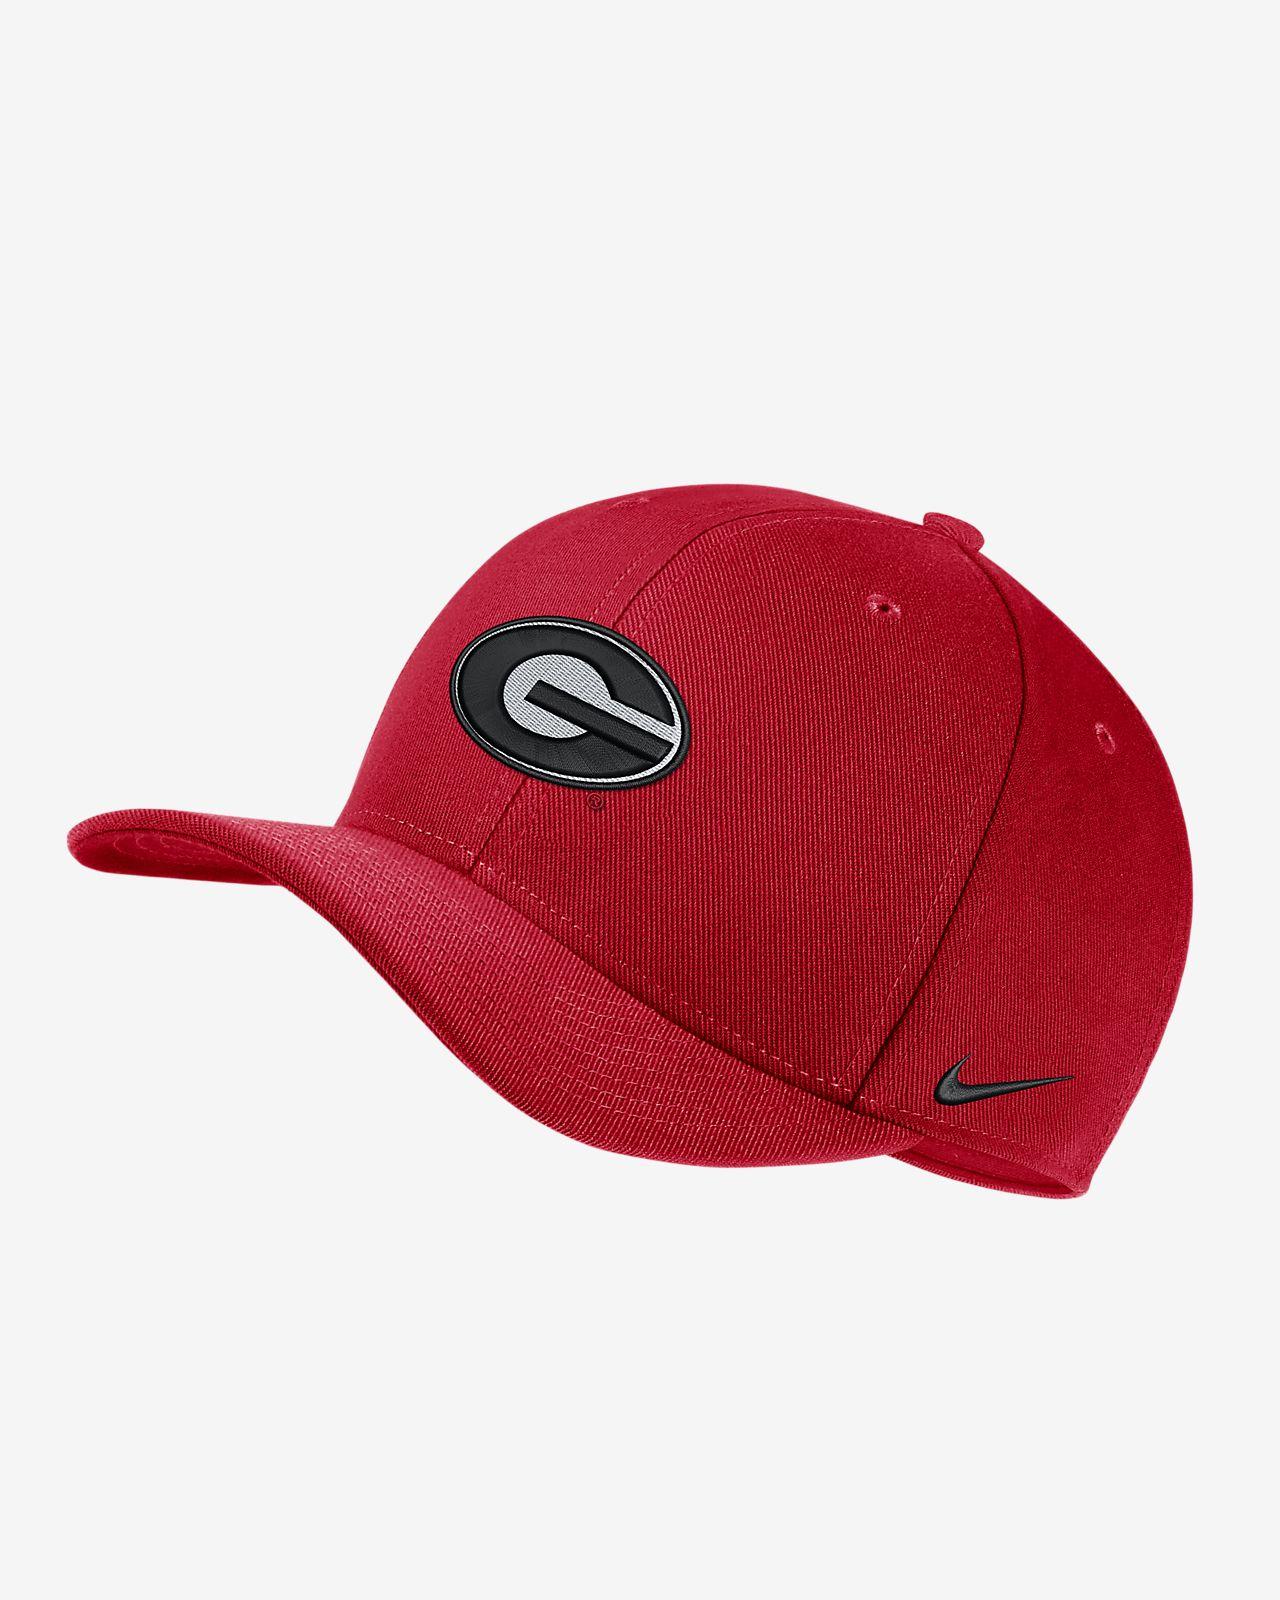 Nike College Dri-FIT Classic99 Swoosh Flex (Georgia) Fitted Hat